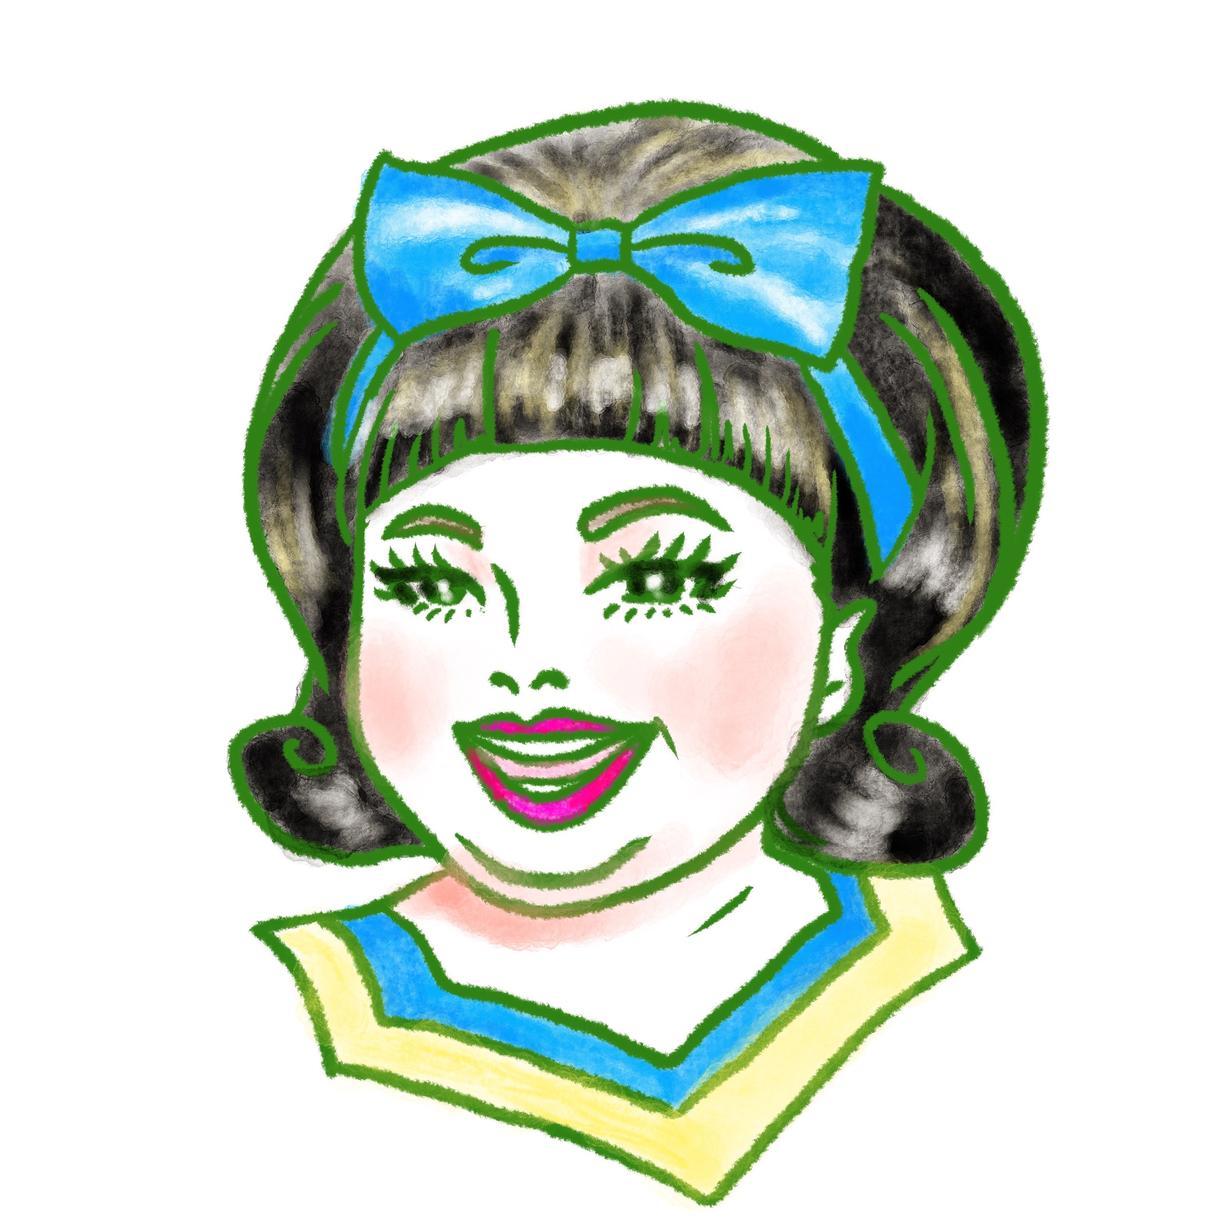 本人もにっこり☆ほっこり似顔絵を描きます プロのイラストレーターによる似顔絵を、オーダーメイド!